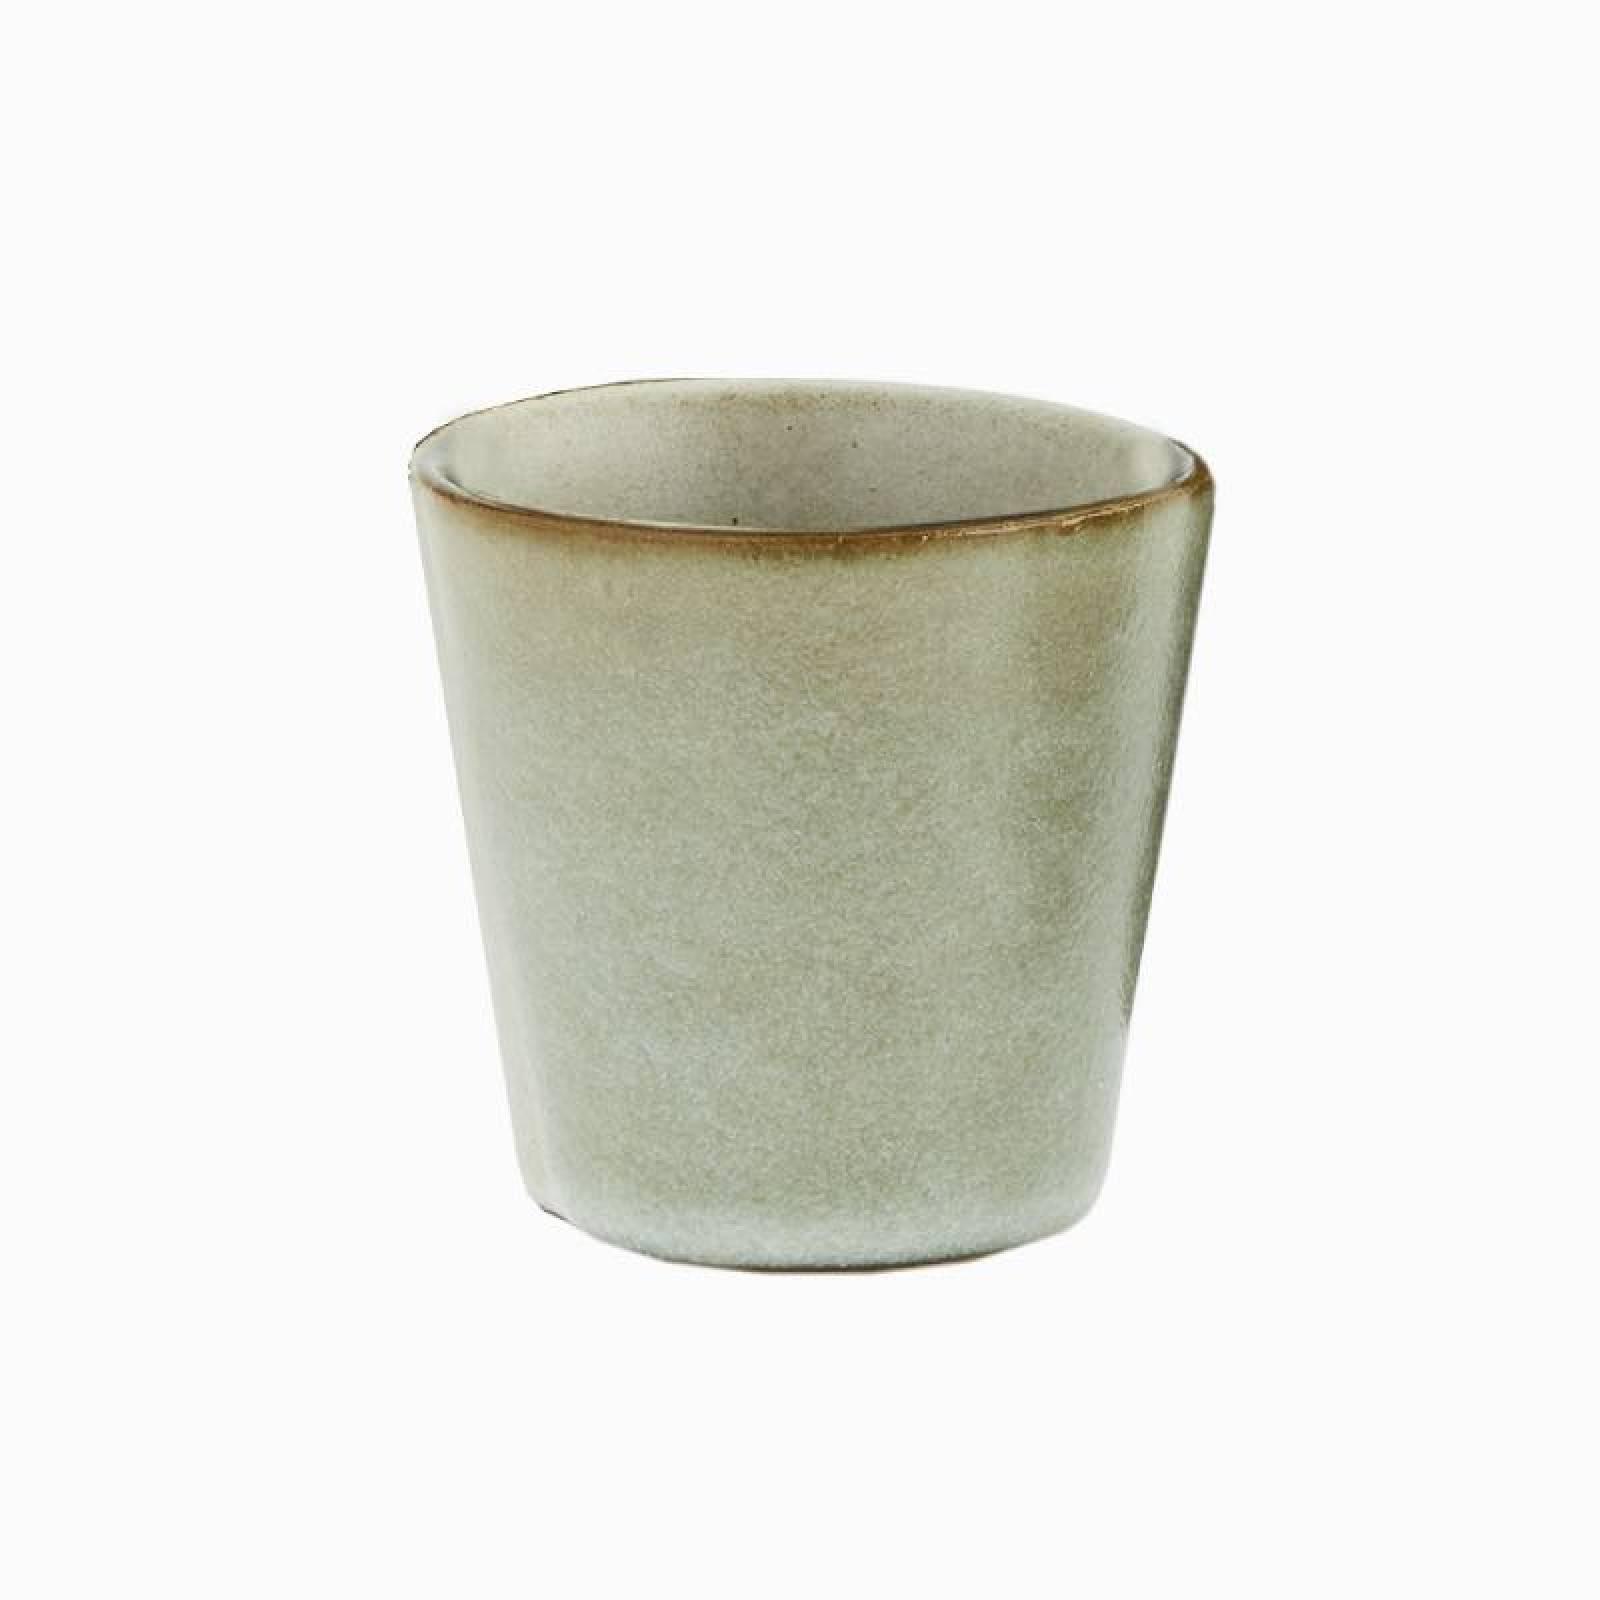 Small Stoneware Cup In Green Lichen